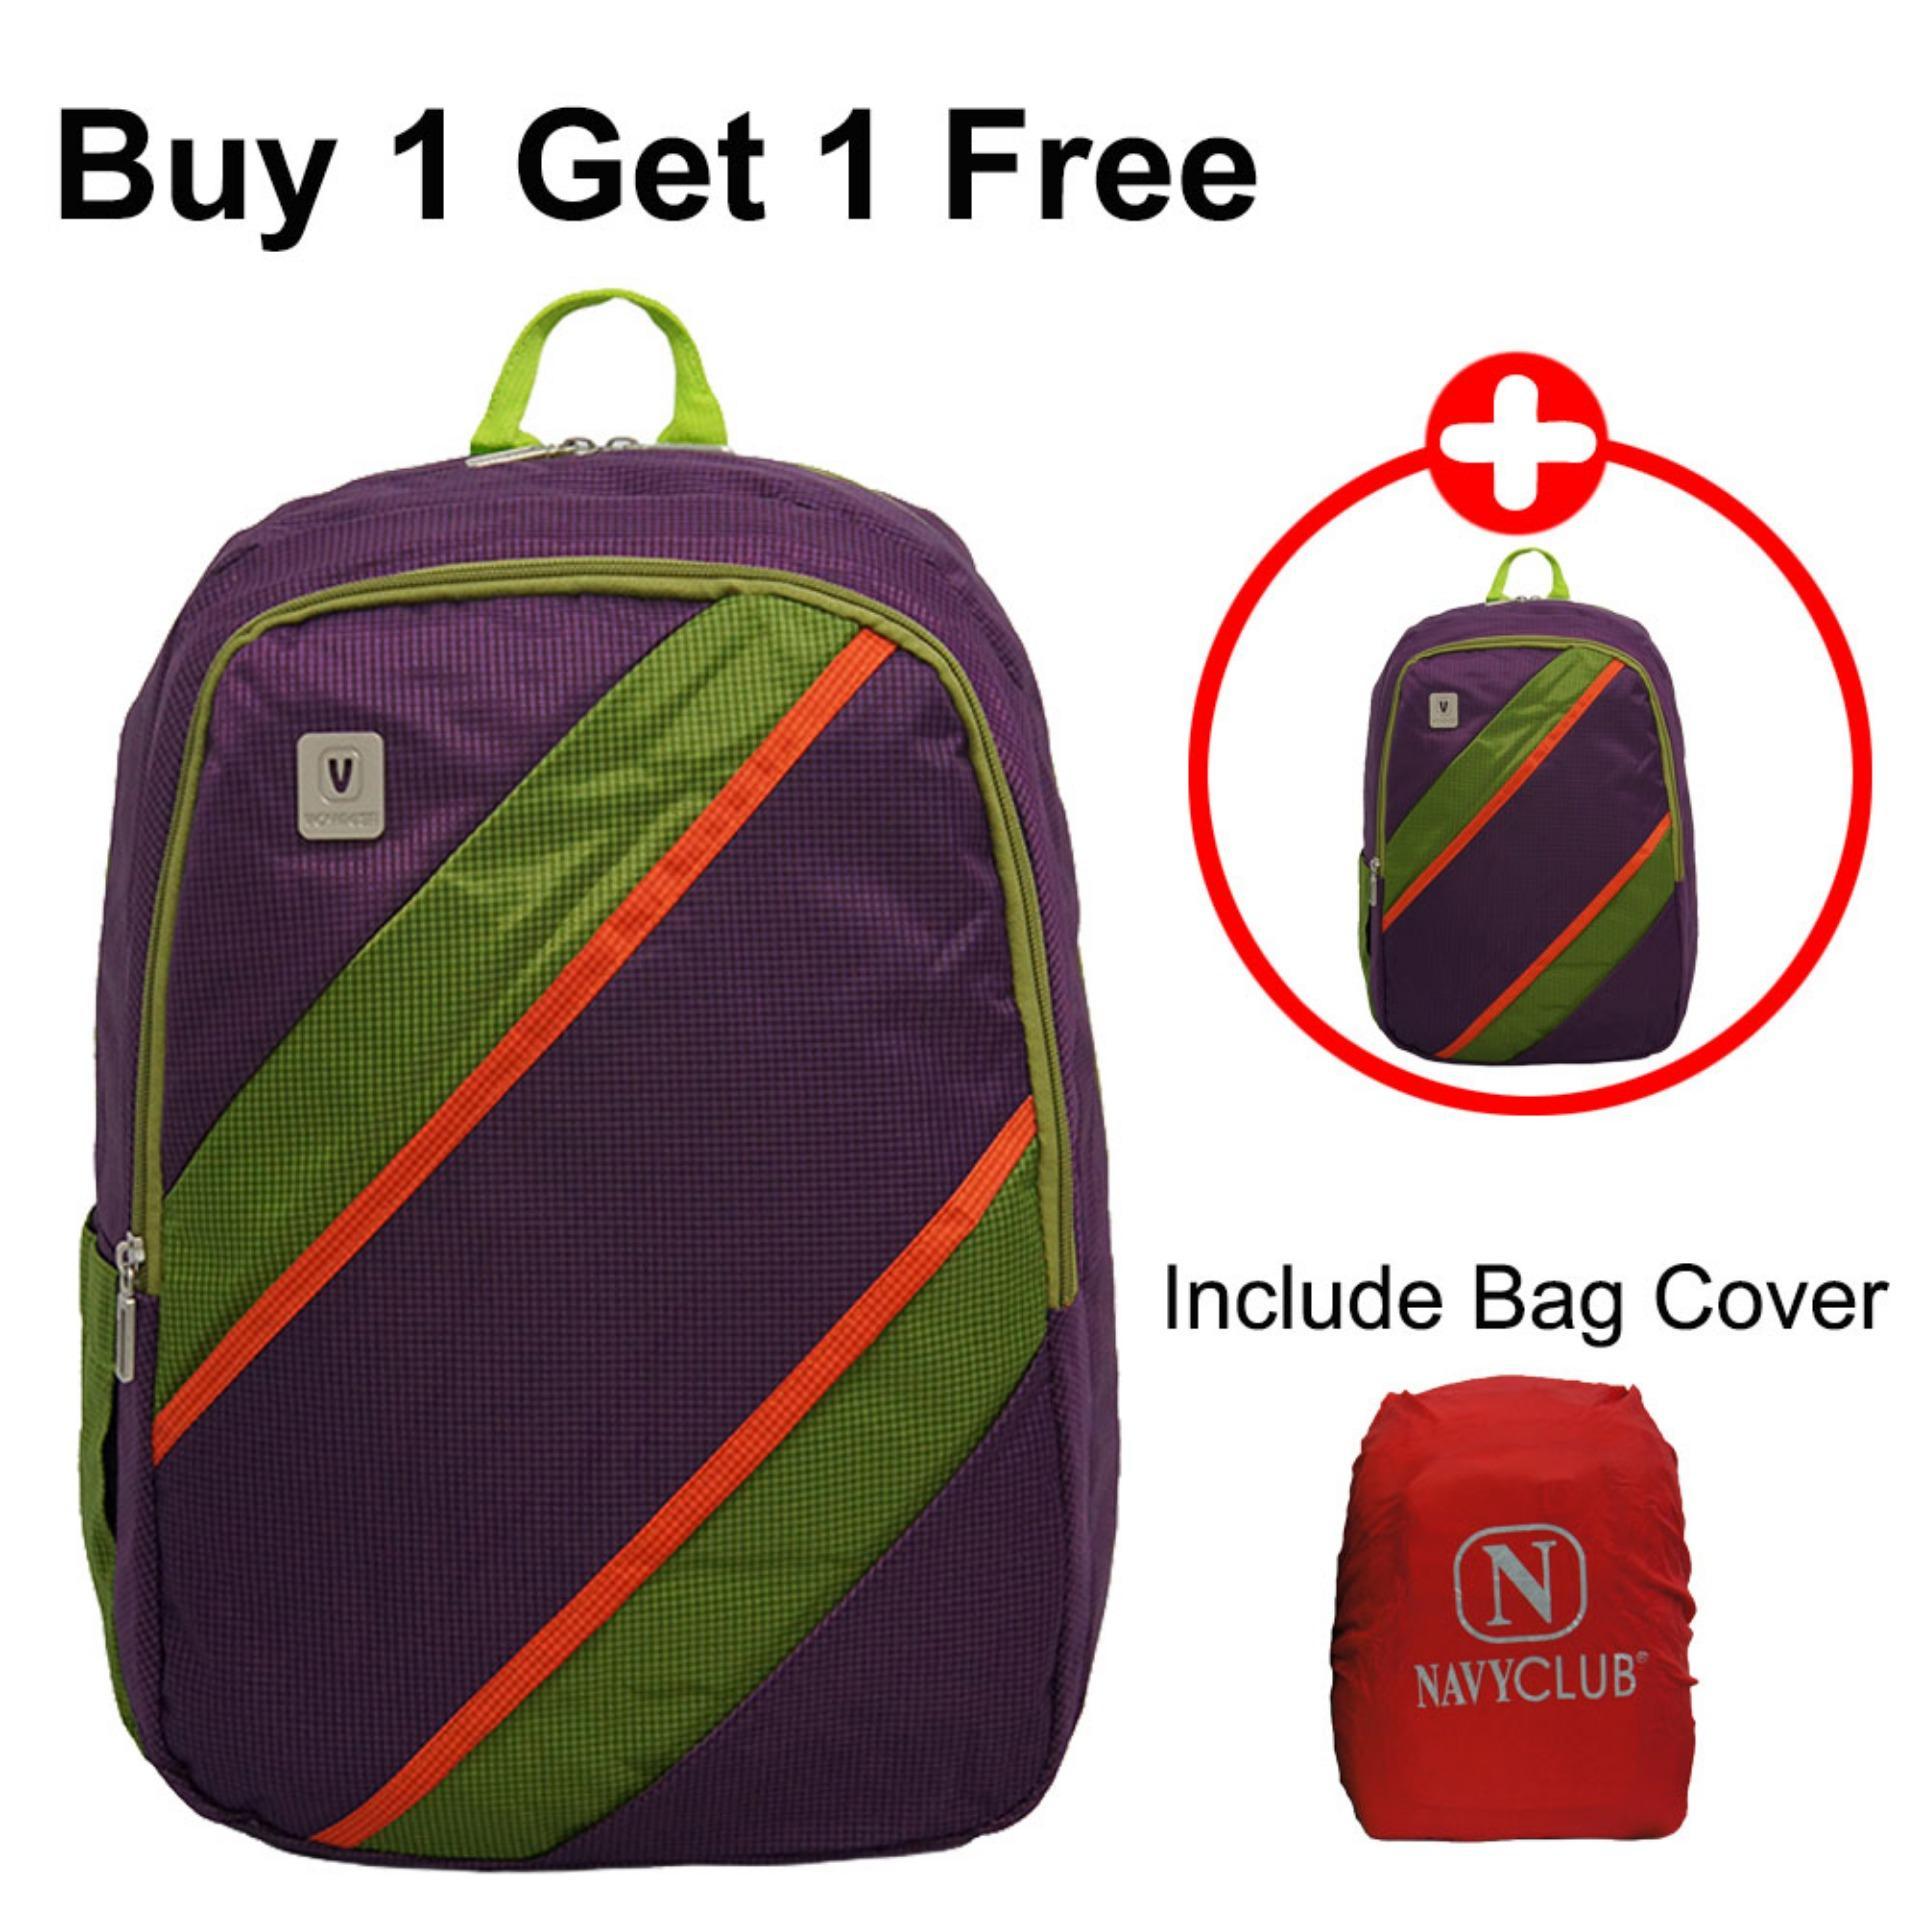 Perbandingan Harga Voyager Tas Ransel Laptop Kasual Tas Pria Tas Wanita 7815 Backpack Bonus Bag Cover Ungu Buy 1 Get 1 Free Voyager Di Dki Jakarta